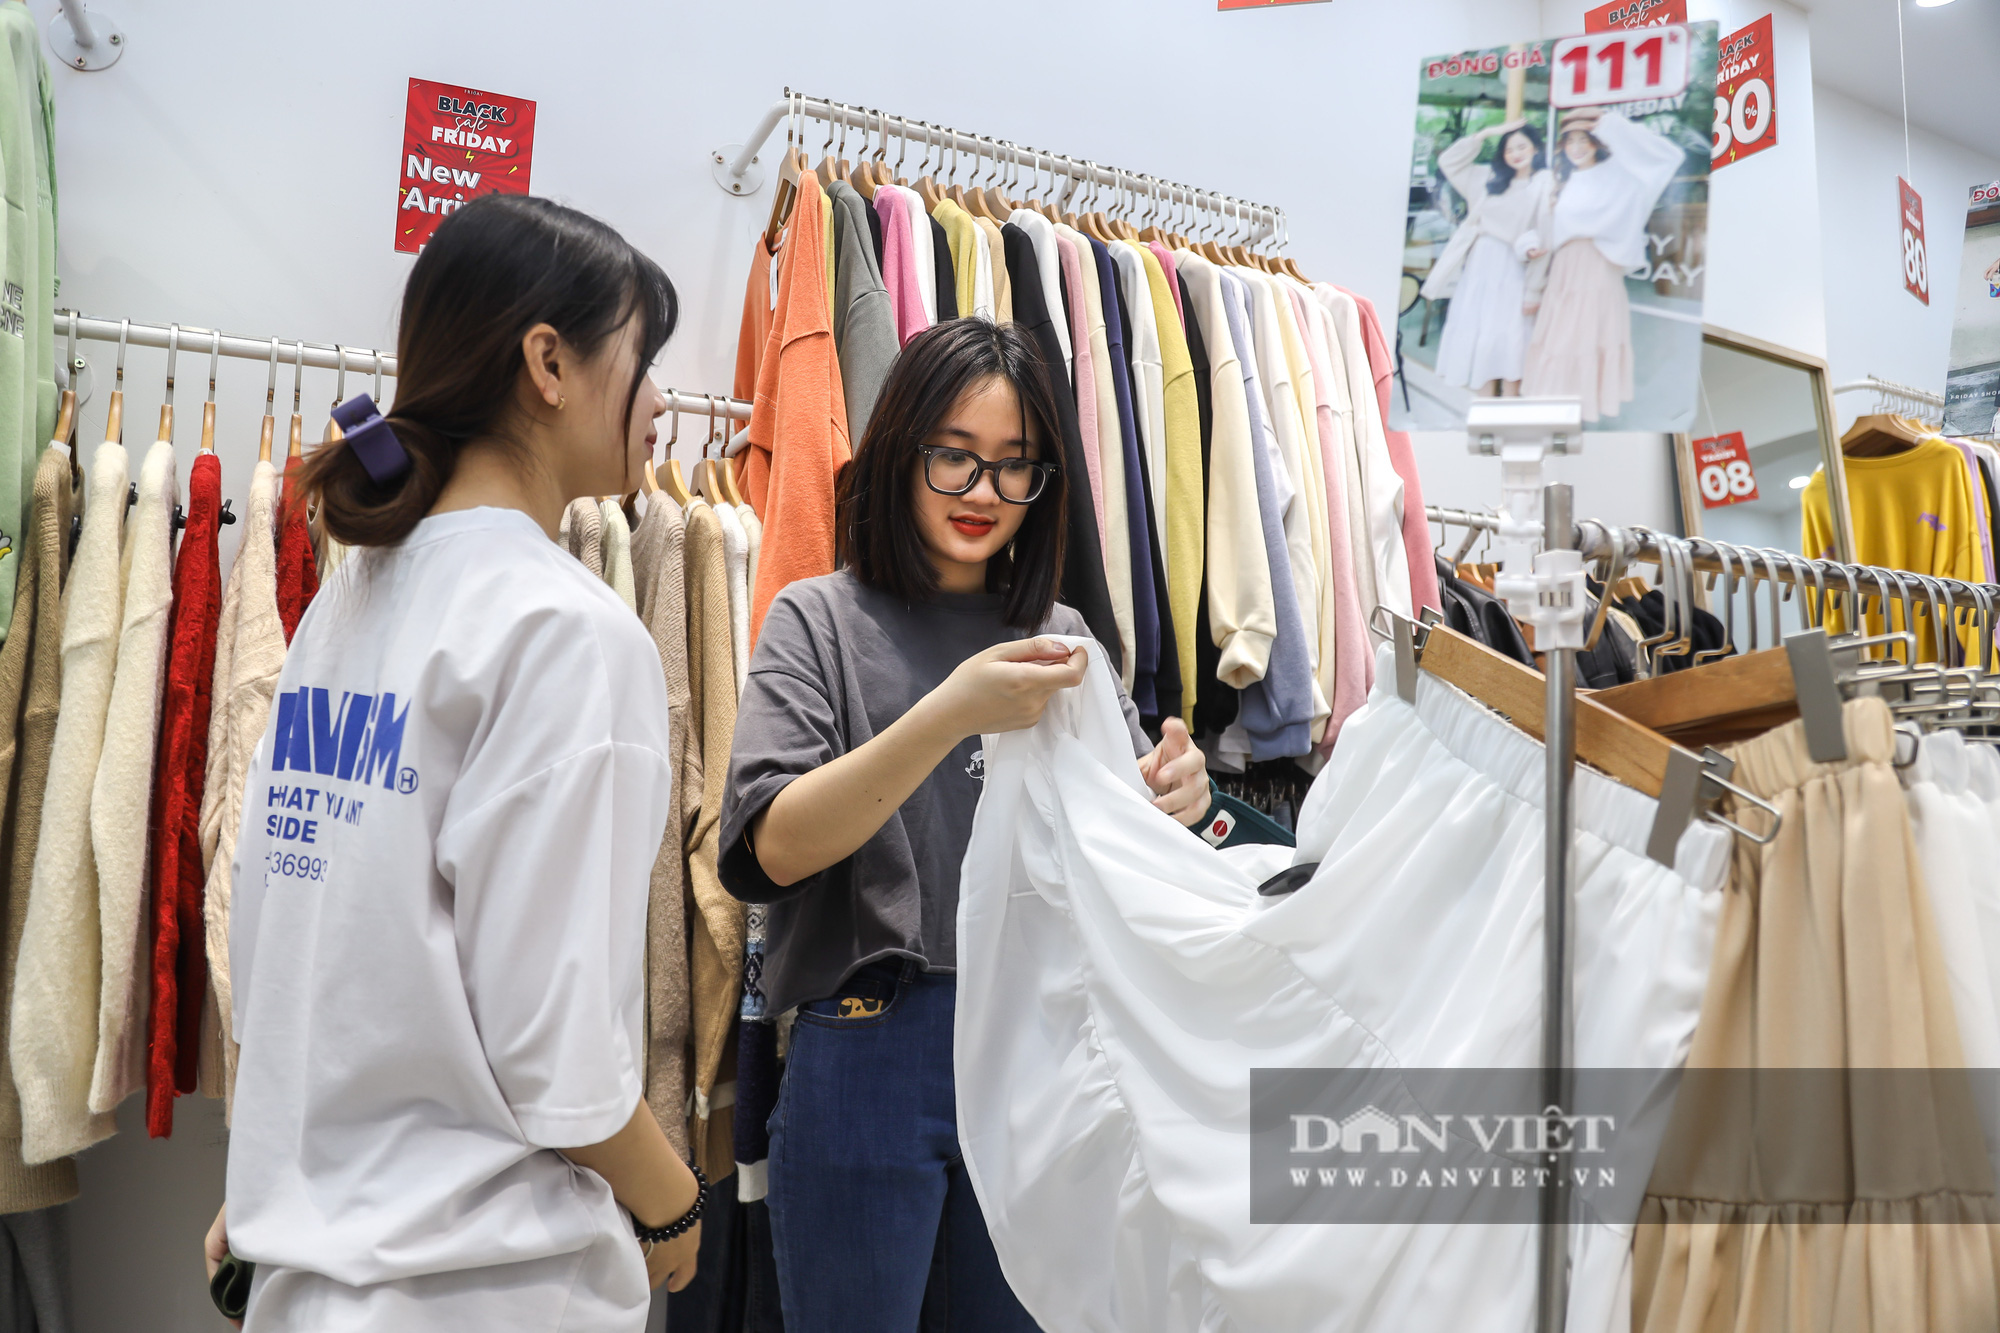 Phố thời trang Hà Nội rợp biển giảm giá 80% dù chưa đến Black Friday - Ảnh 10.